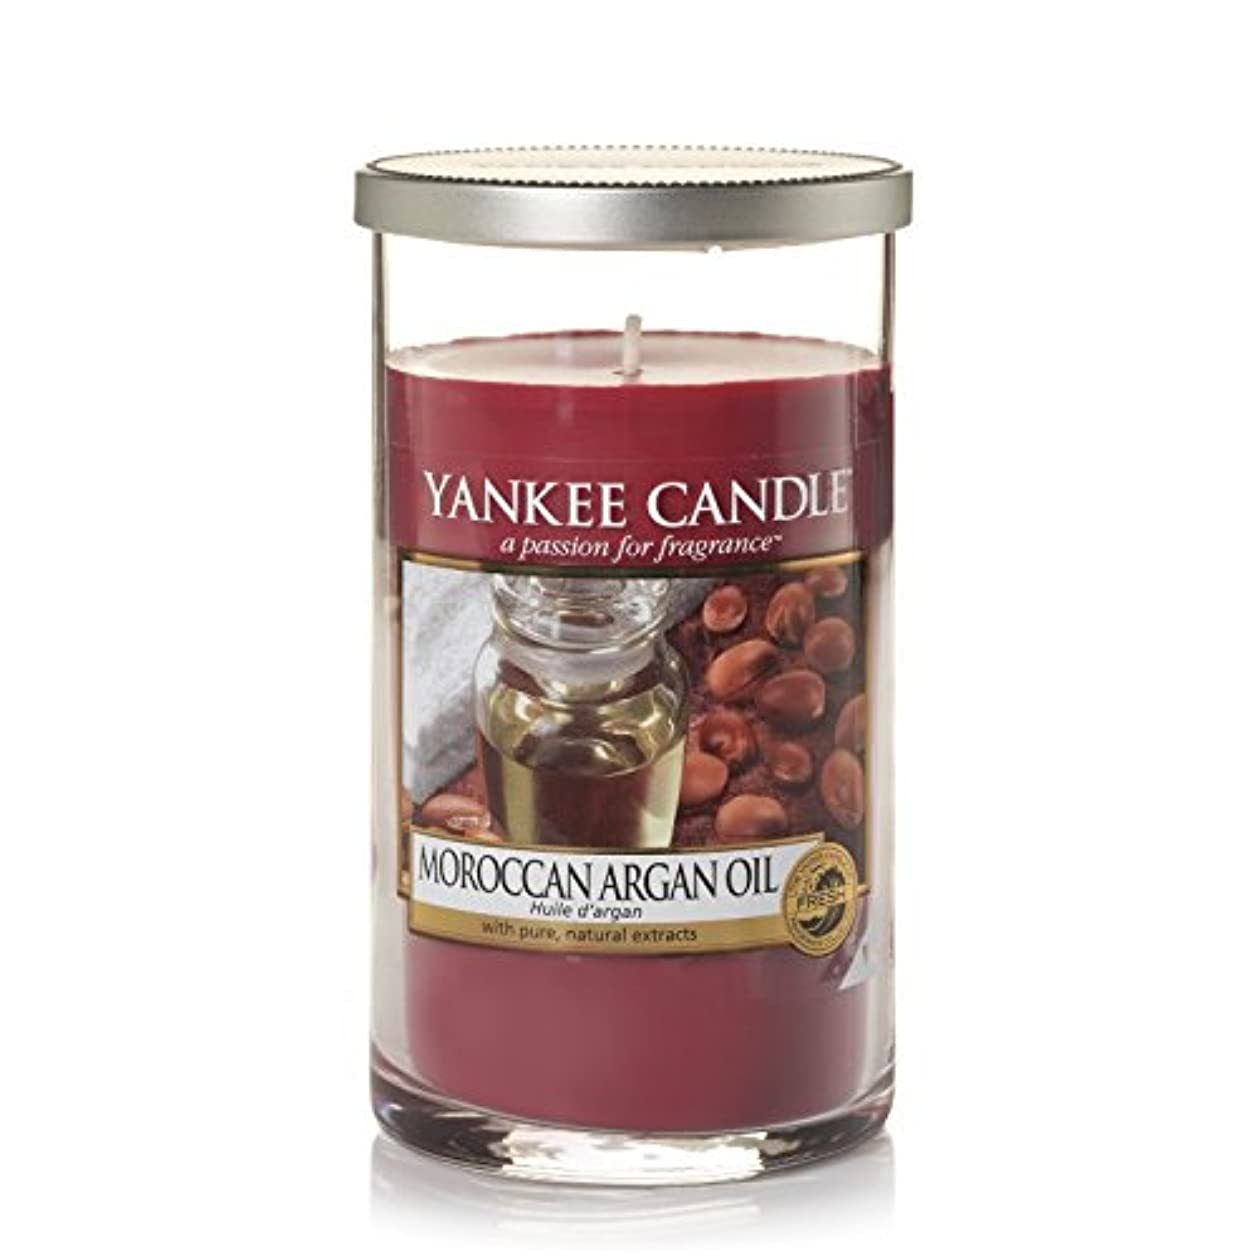 事実突進施設Yankee Candles Medium Pillar Candle - Moroccan Argan Oil (Pack of 2) - ヤンキーキャンドルメディアピラーキャンドル - モロッコアルガンオイル (x2...